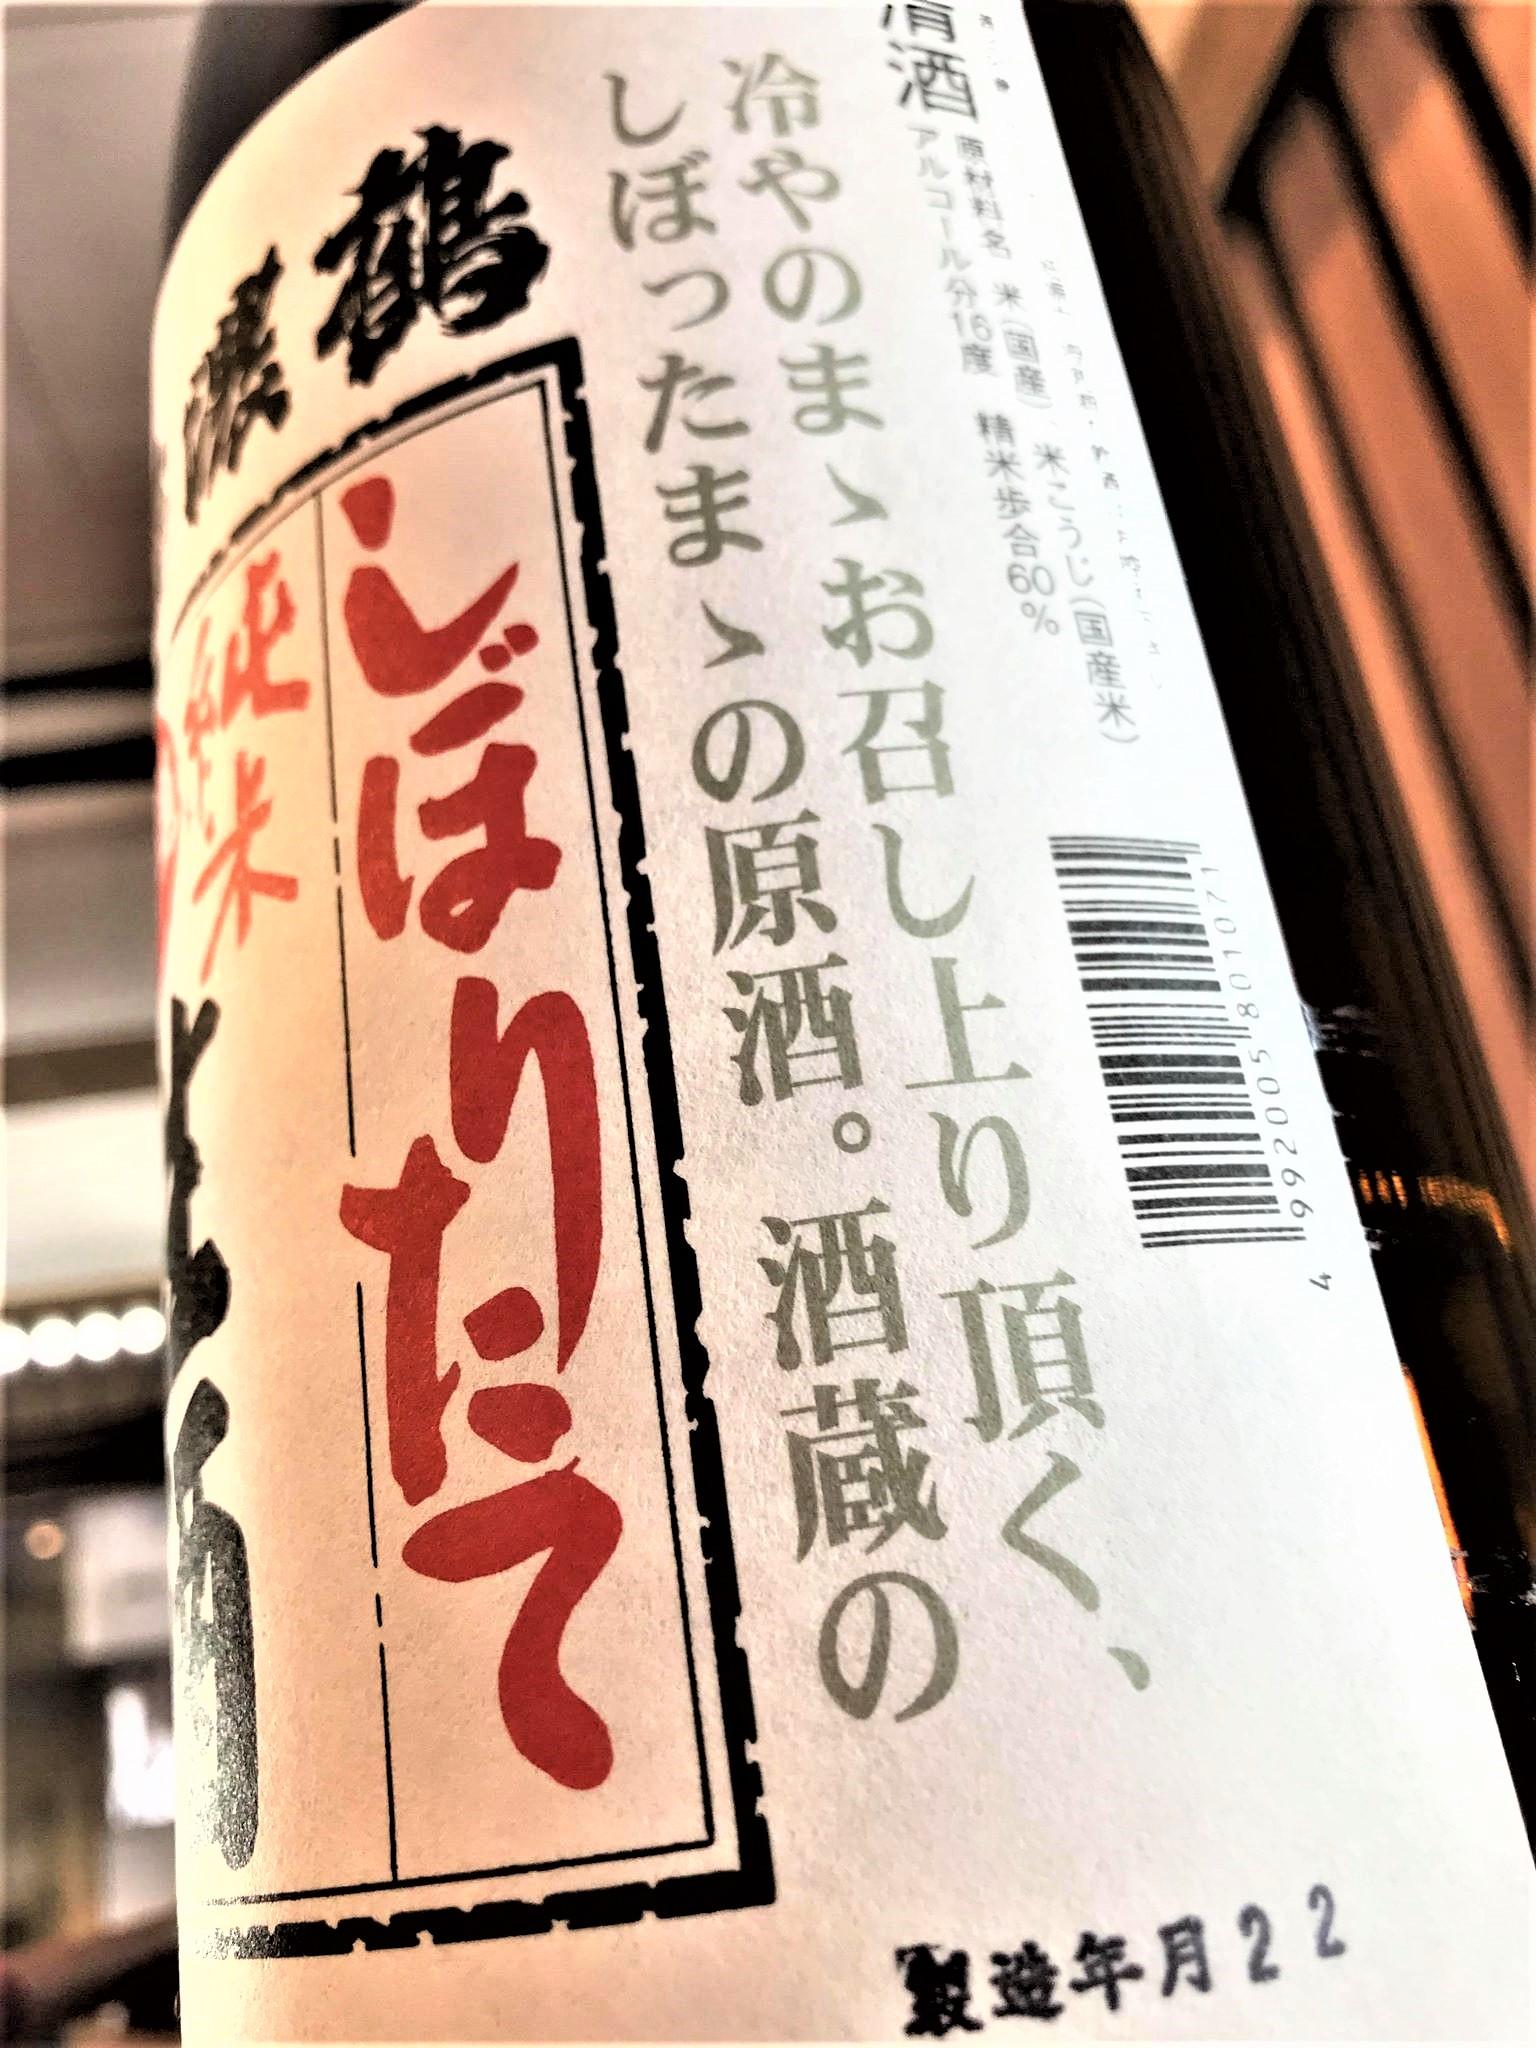 【日本酒】信濃鶴 しぼりたて⛄純米 無濾過生原酒 長野産美山錦仕込み 限定 令和1BY🆕_e0173738_1253234.jpg